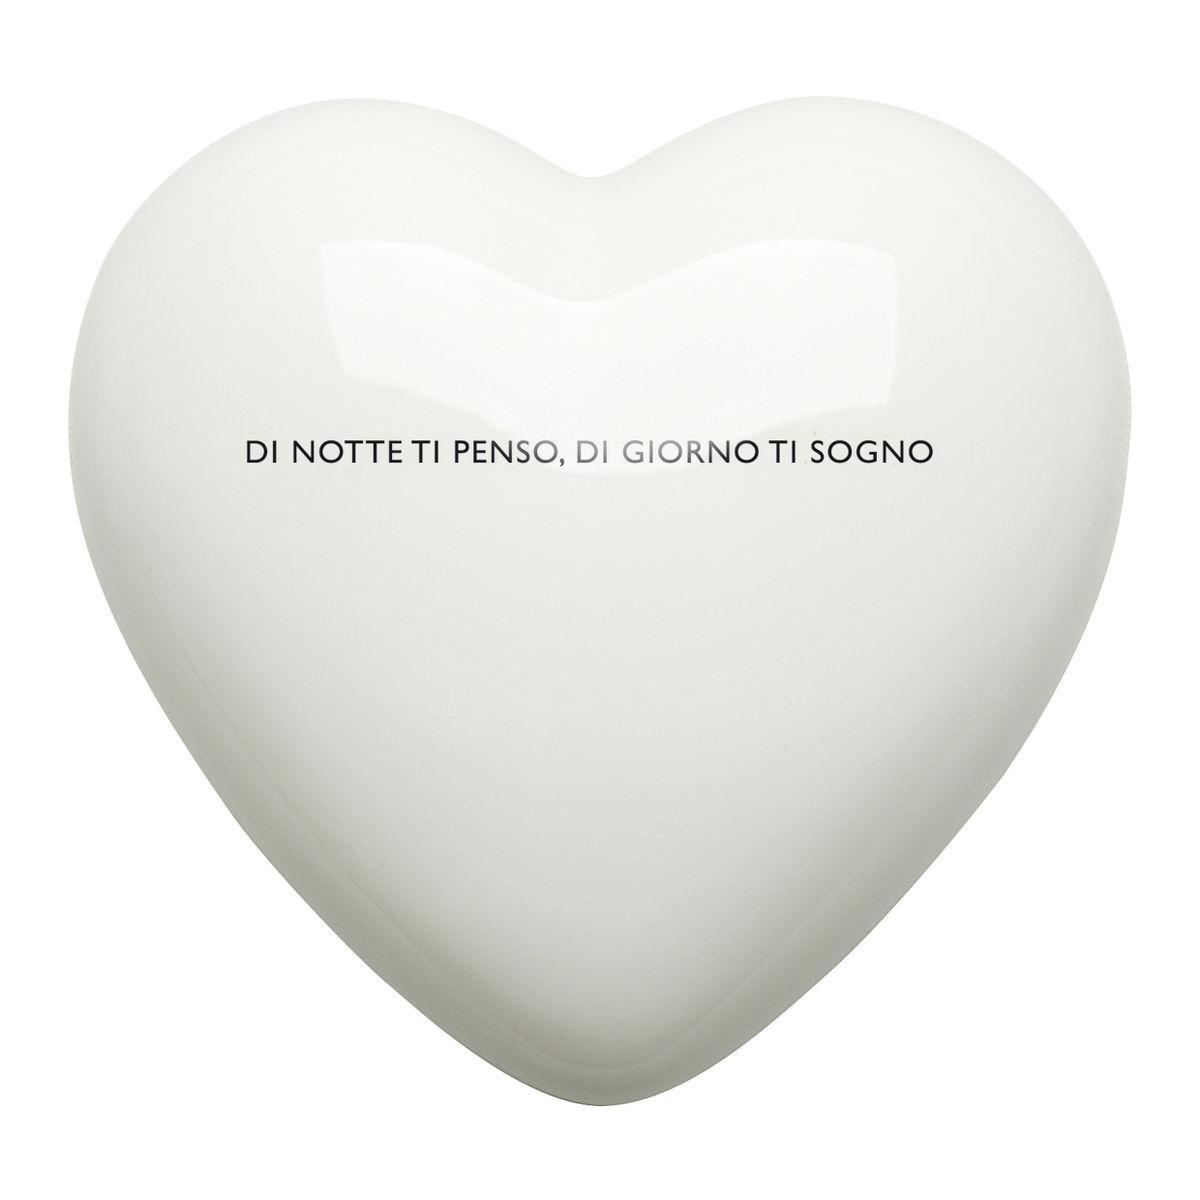 Heart notte giorno 2